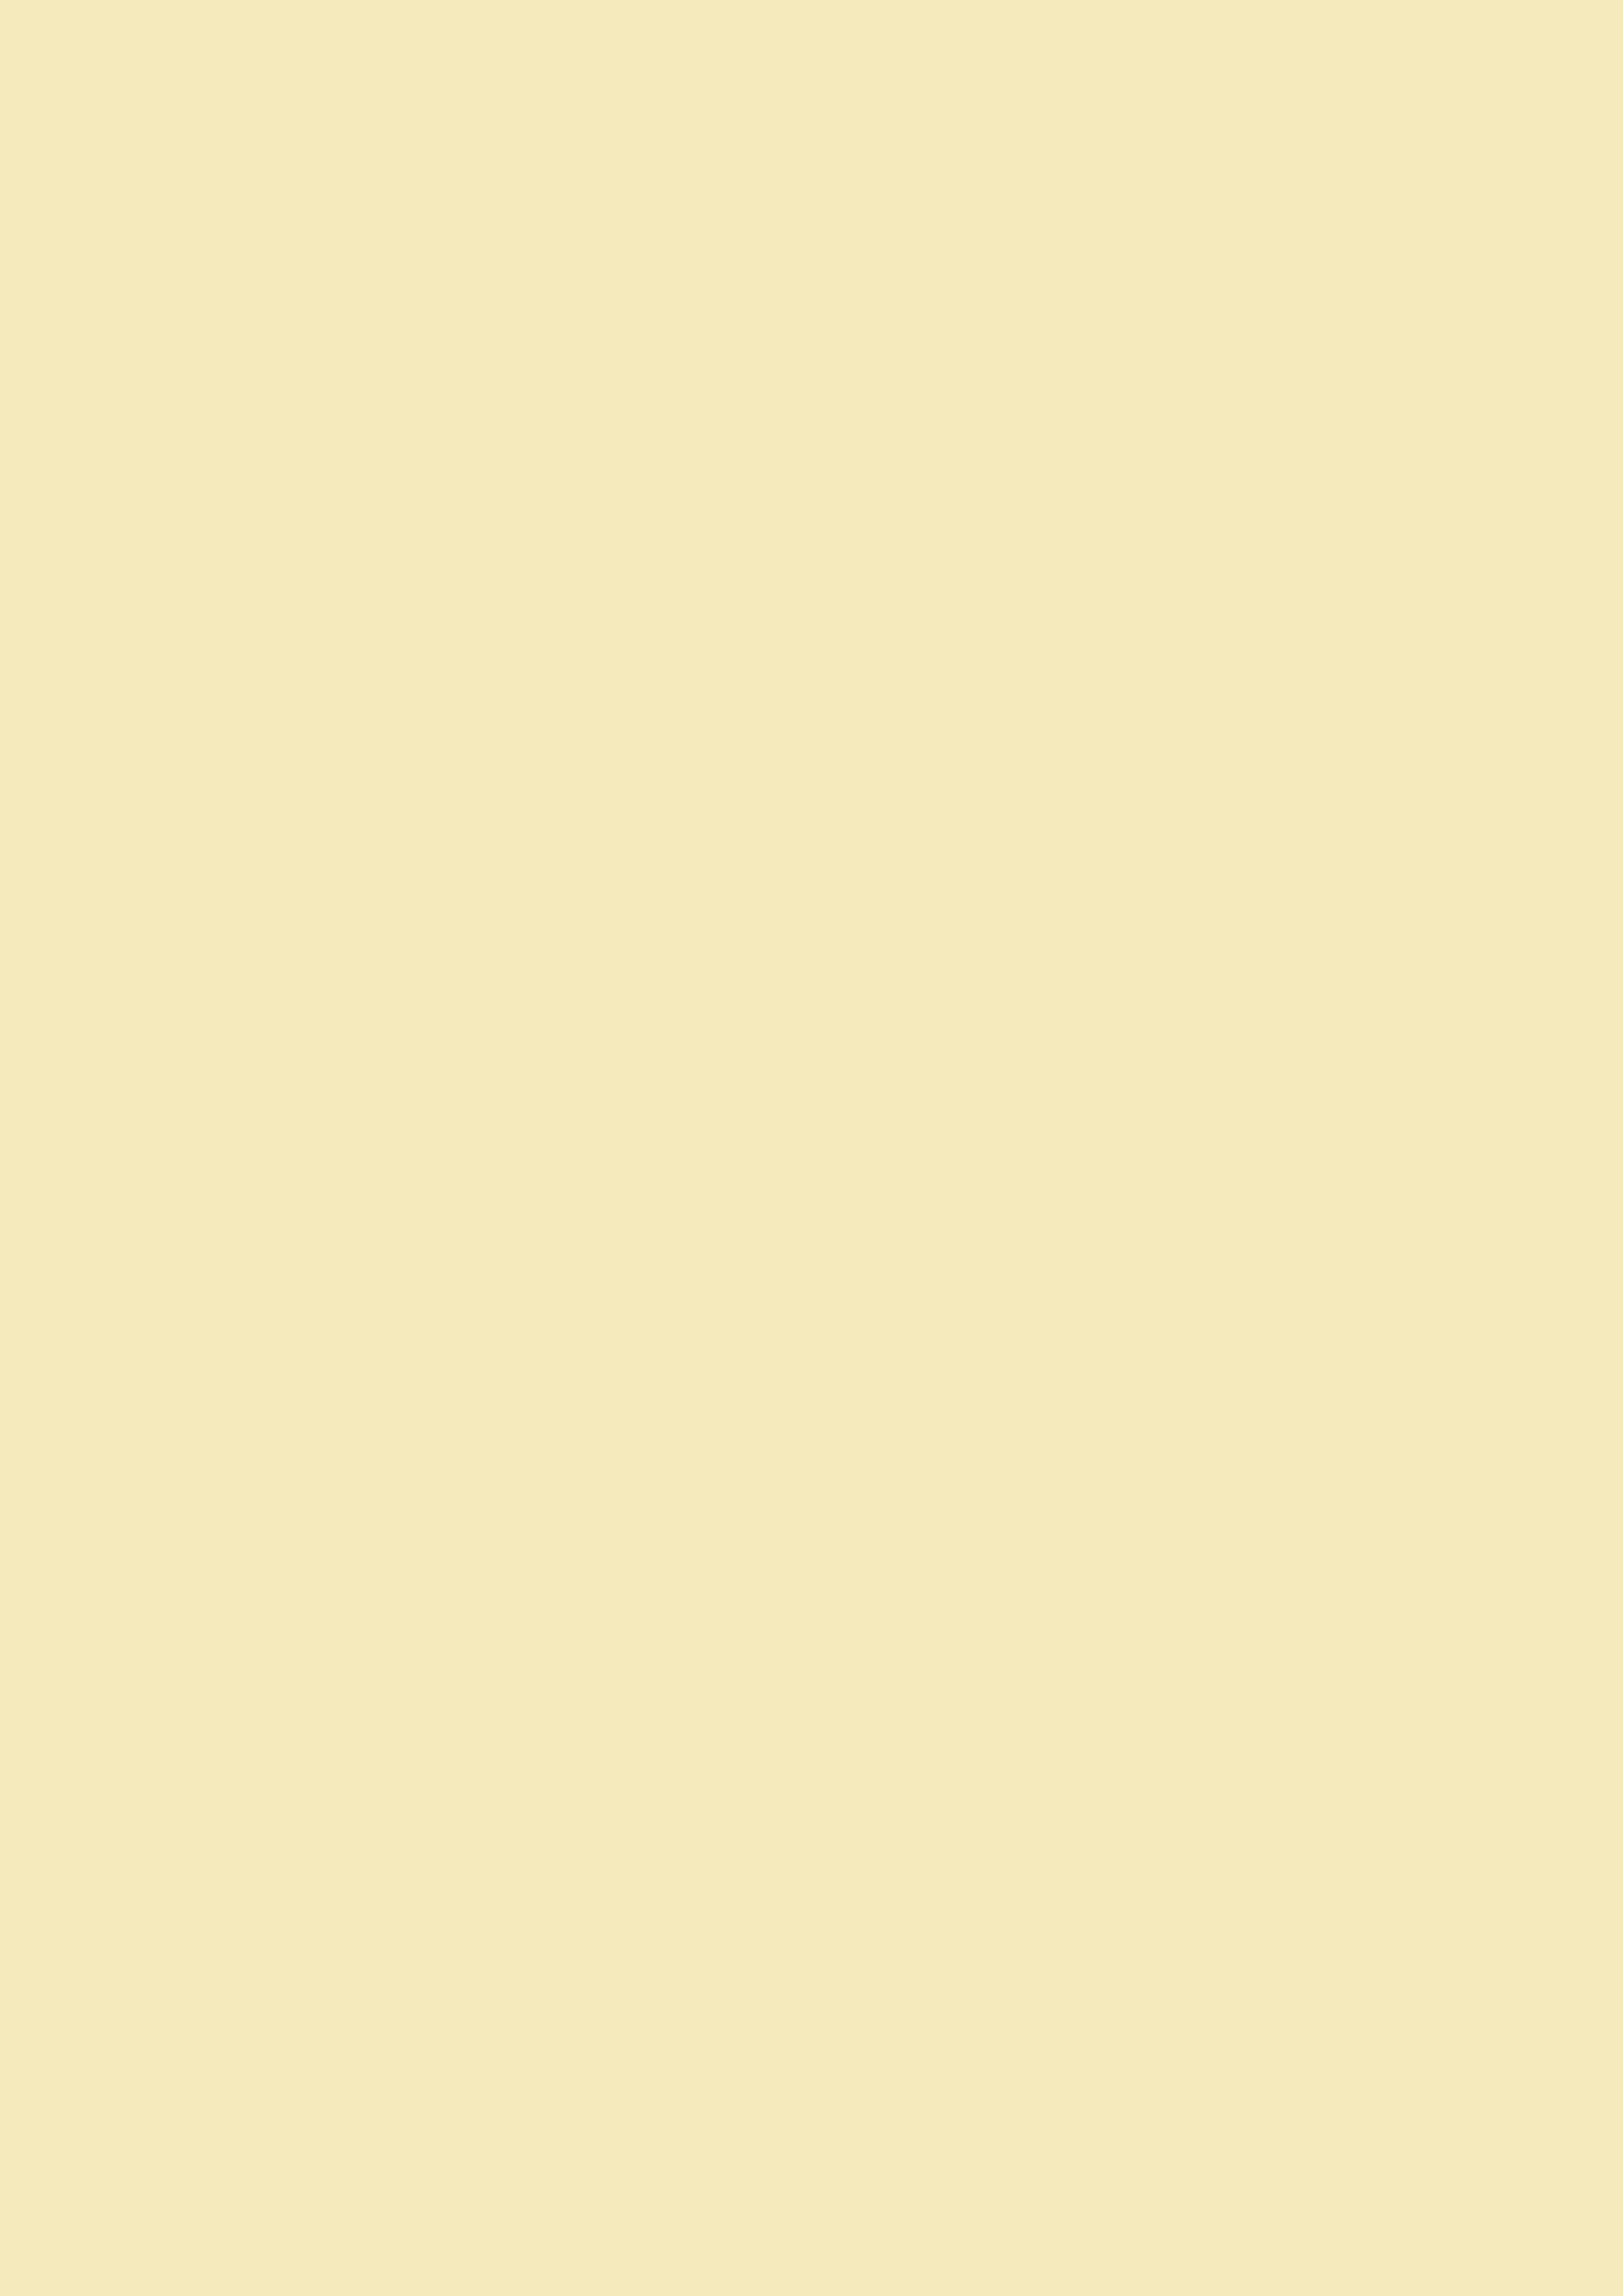 2480x3508 Lemon Meringue Solid Color Background